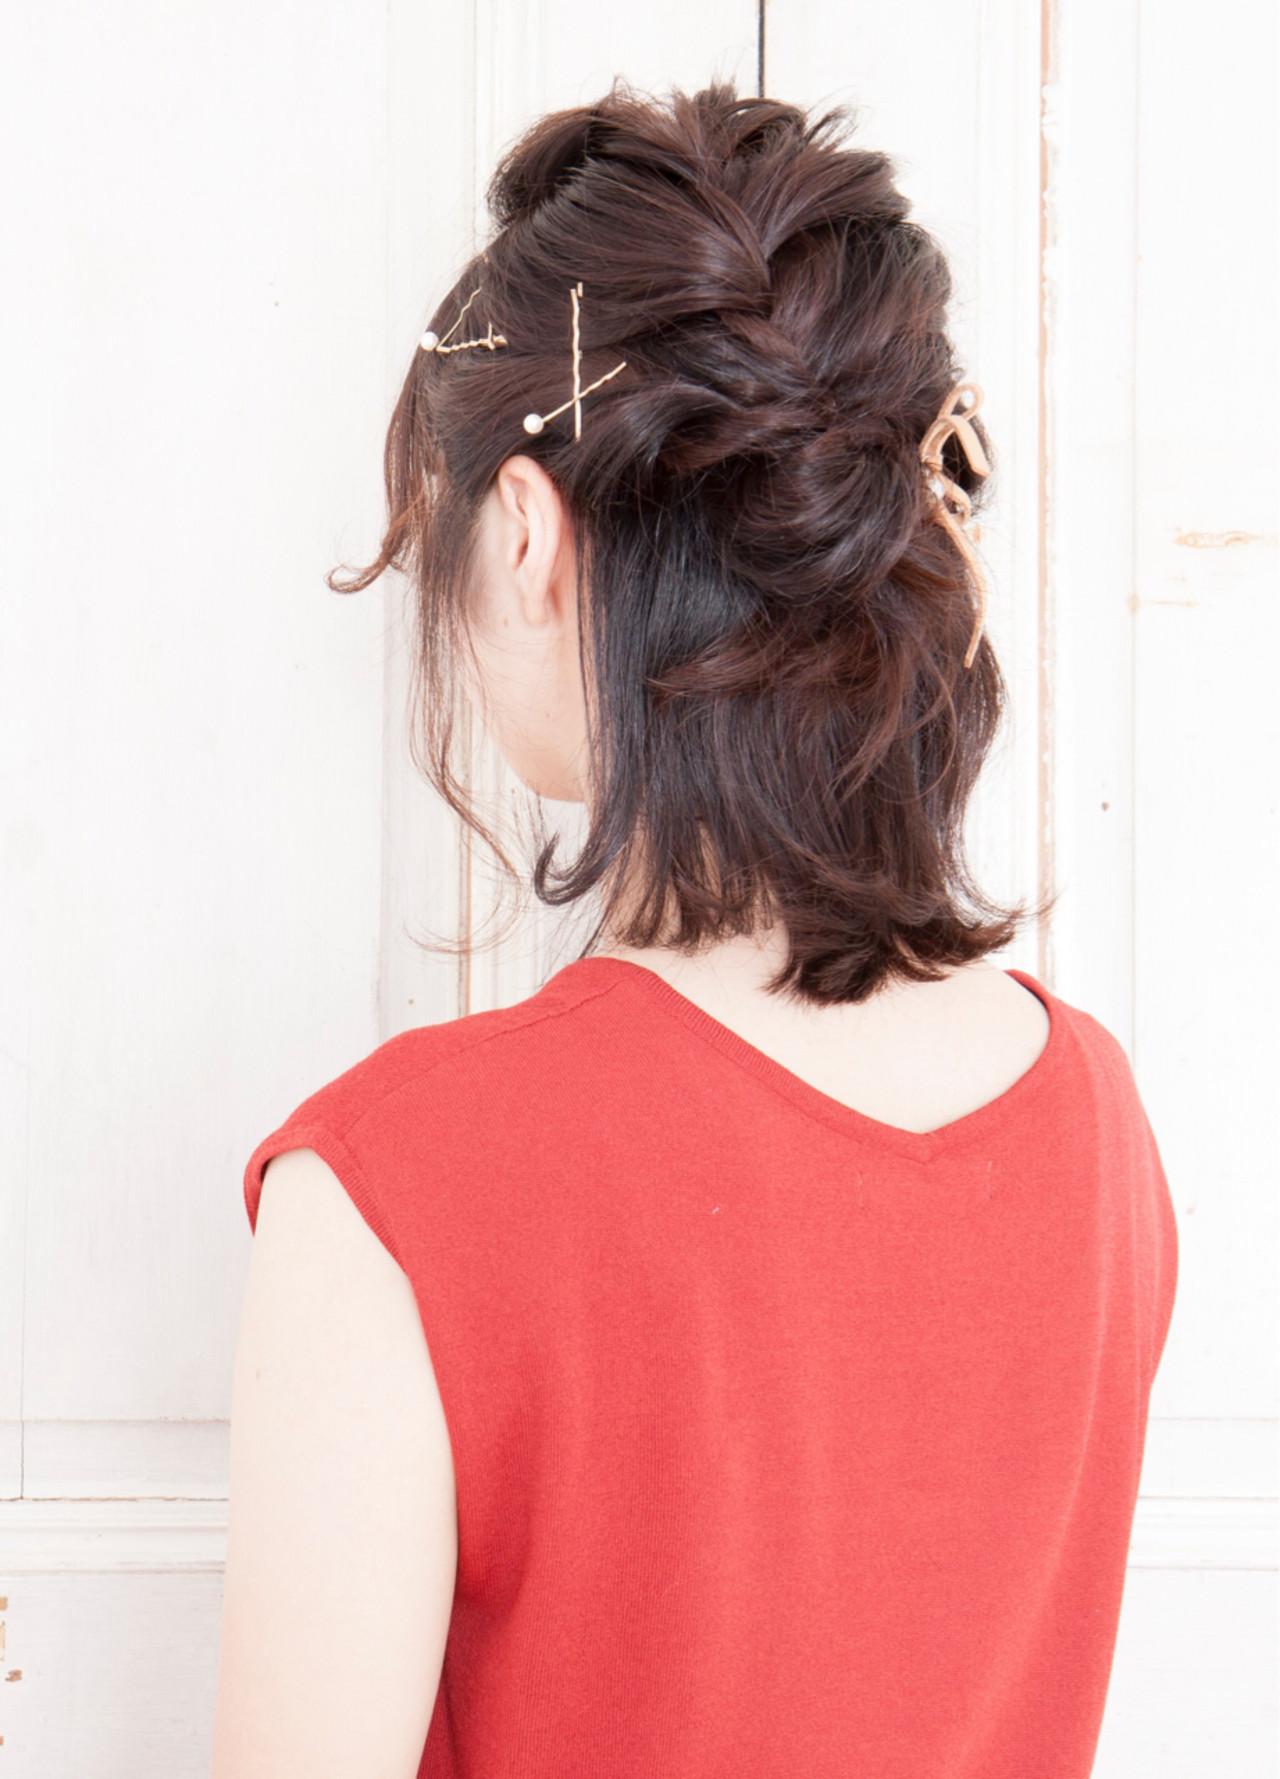 いつも同じにはもう飽きた!オトナ美人の魅せる髪型 ケンタロウ